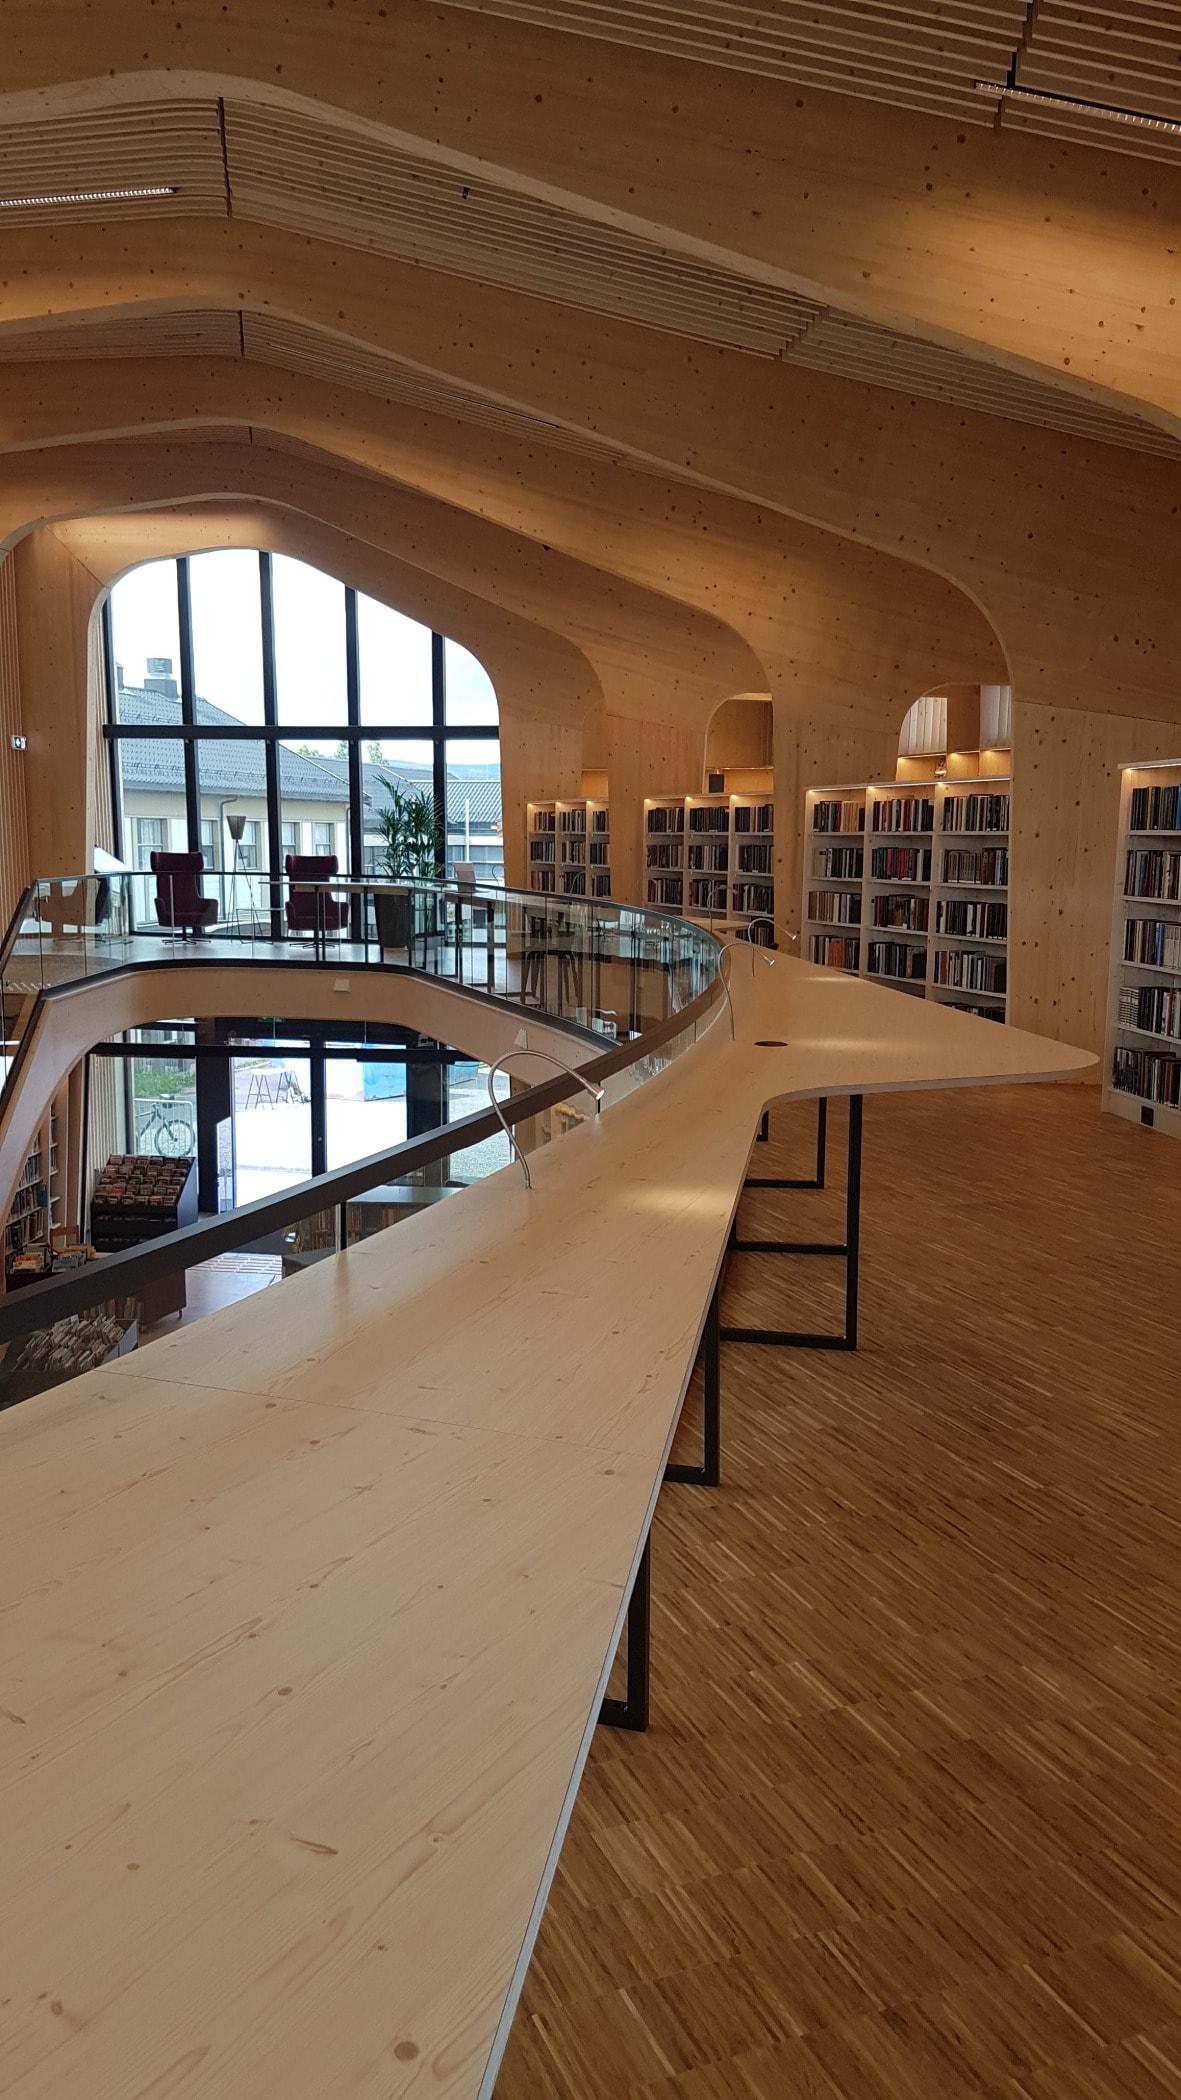 Floor, Architecture, Building